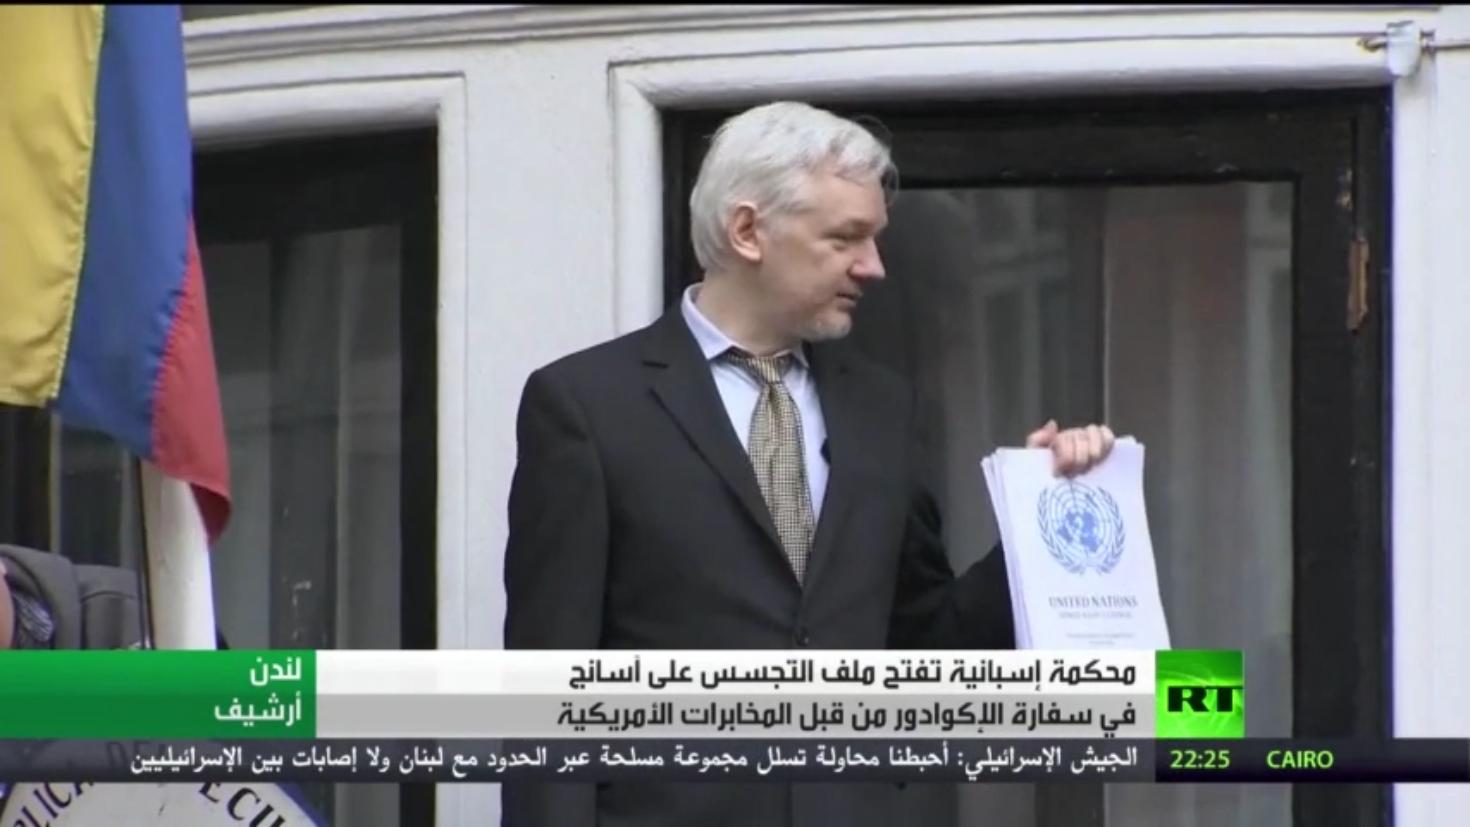 ملف التجسس على آسانج داخل السفارة